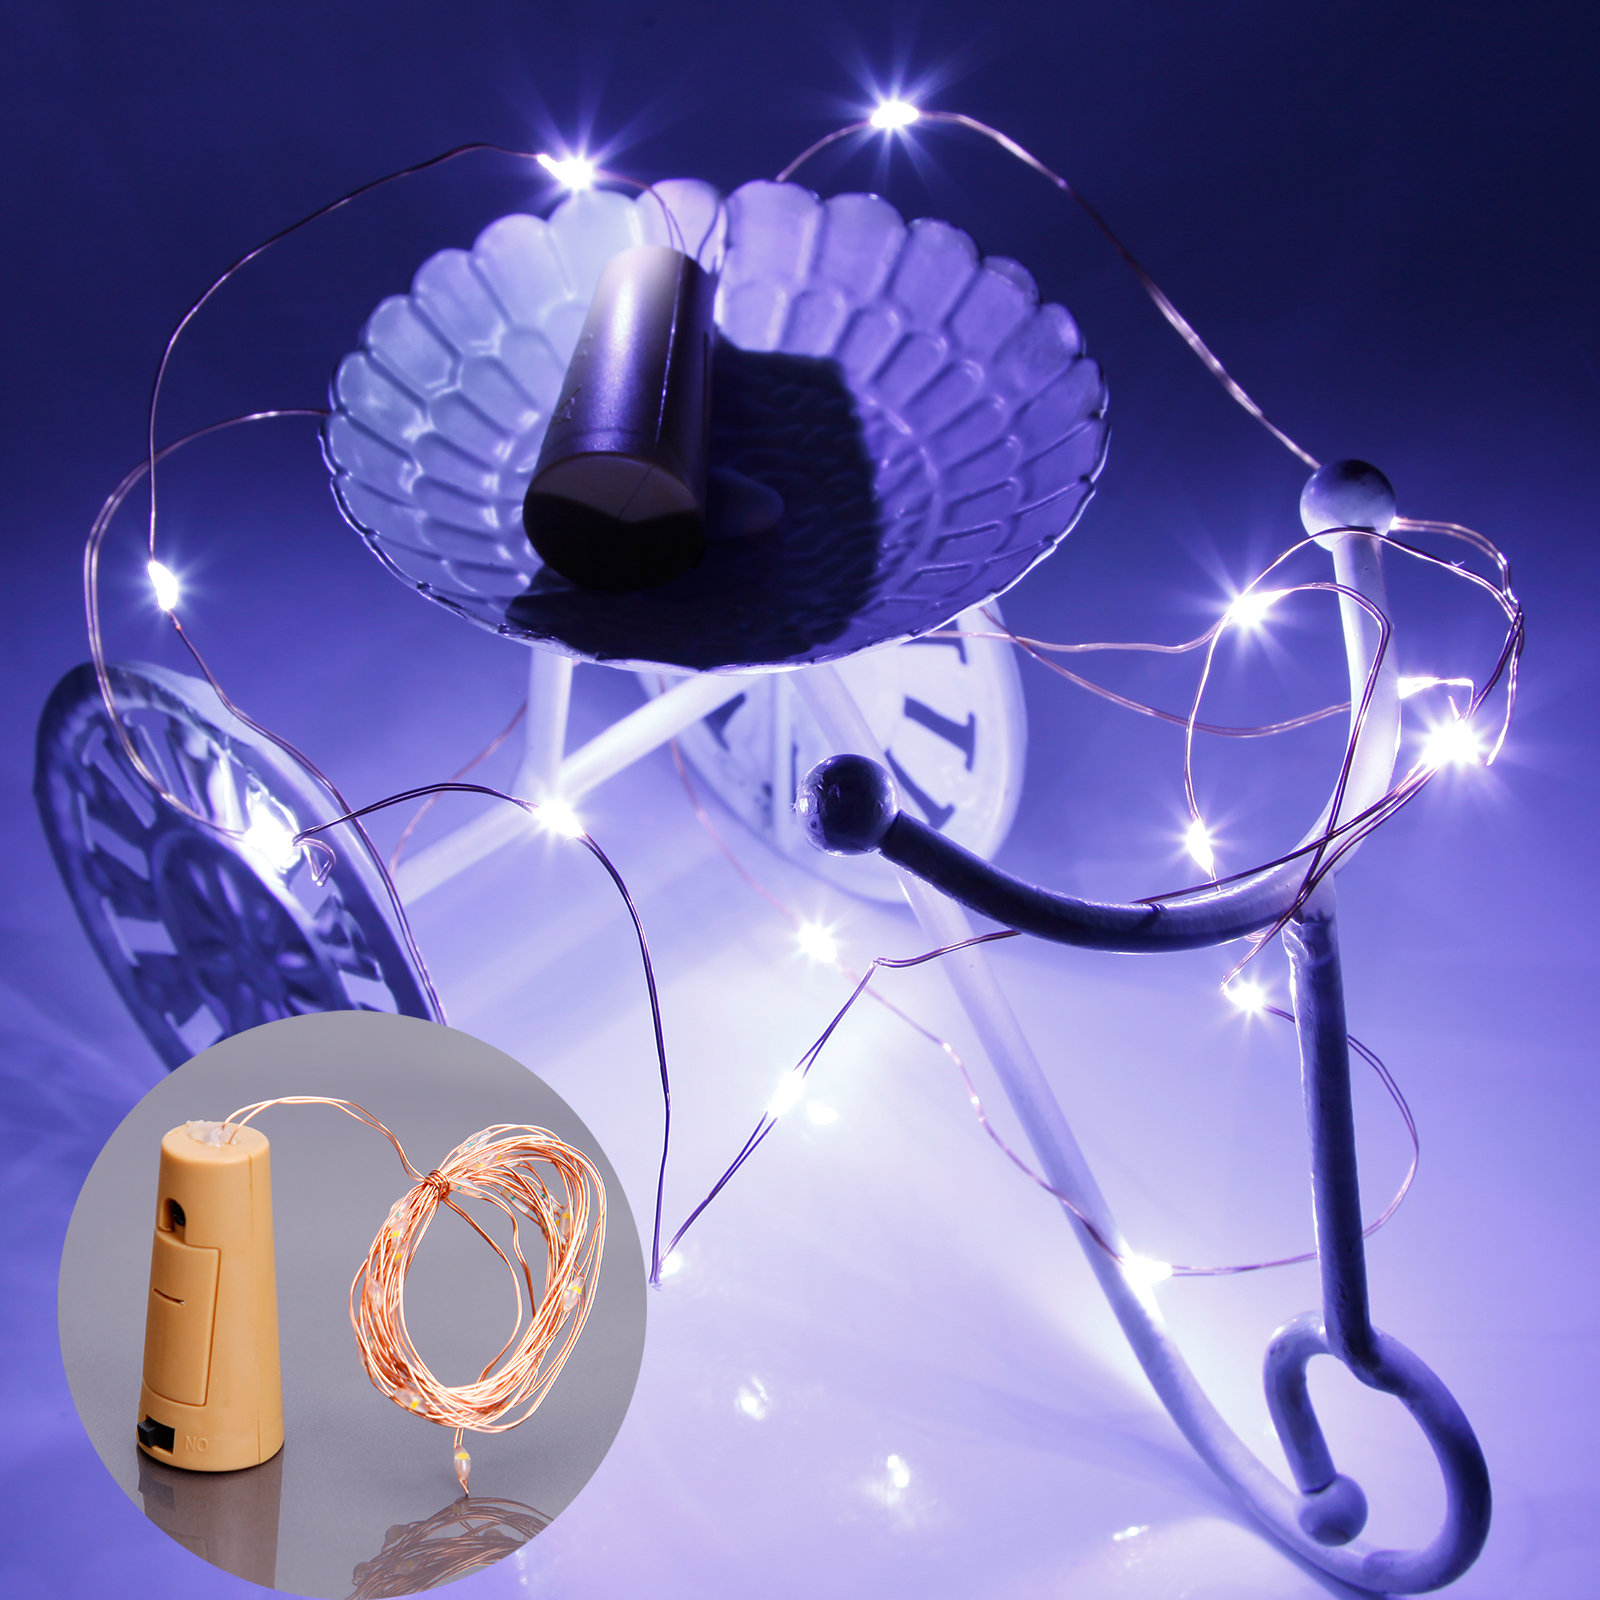 6x flaschenlicht 20 led lightkette lampe kork form lichter kette kaltweiss party ebay. Black Bedroom Furniture Sets. Home Design Ideas